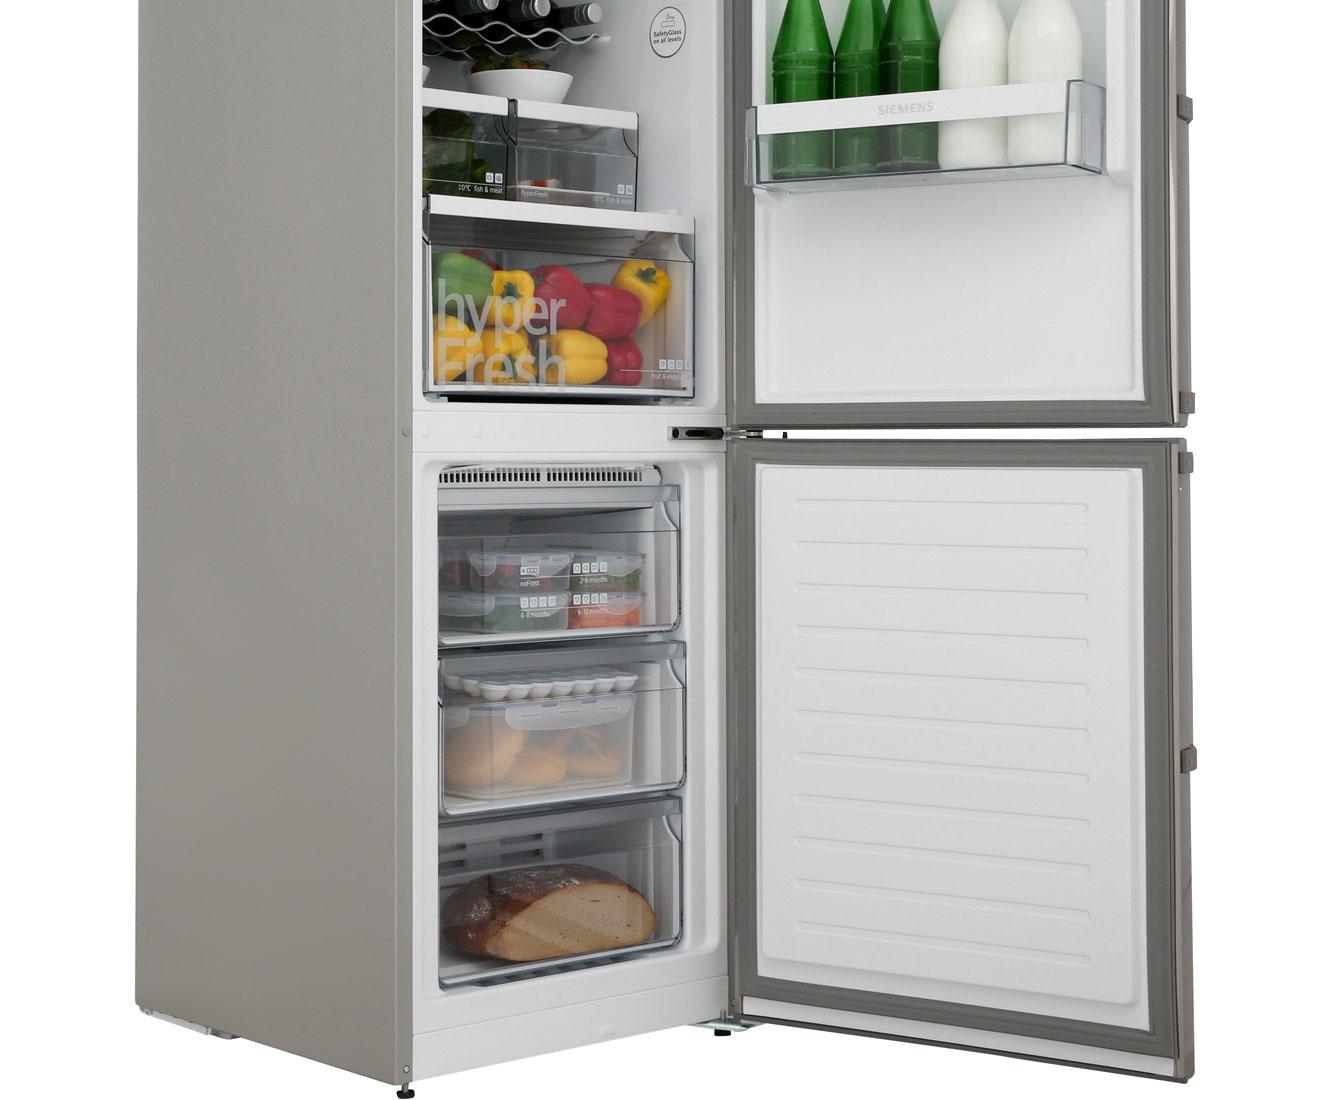 Smeg Kühlschrank Ventilator : Smeg kühlschrank ventilator reinigen kühlschrank transportieren